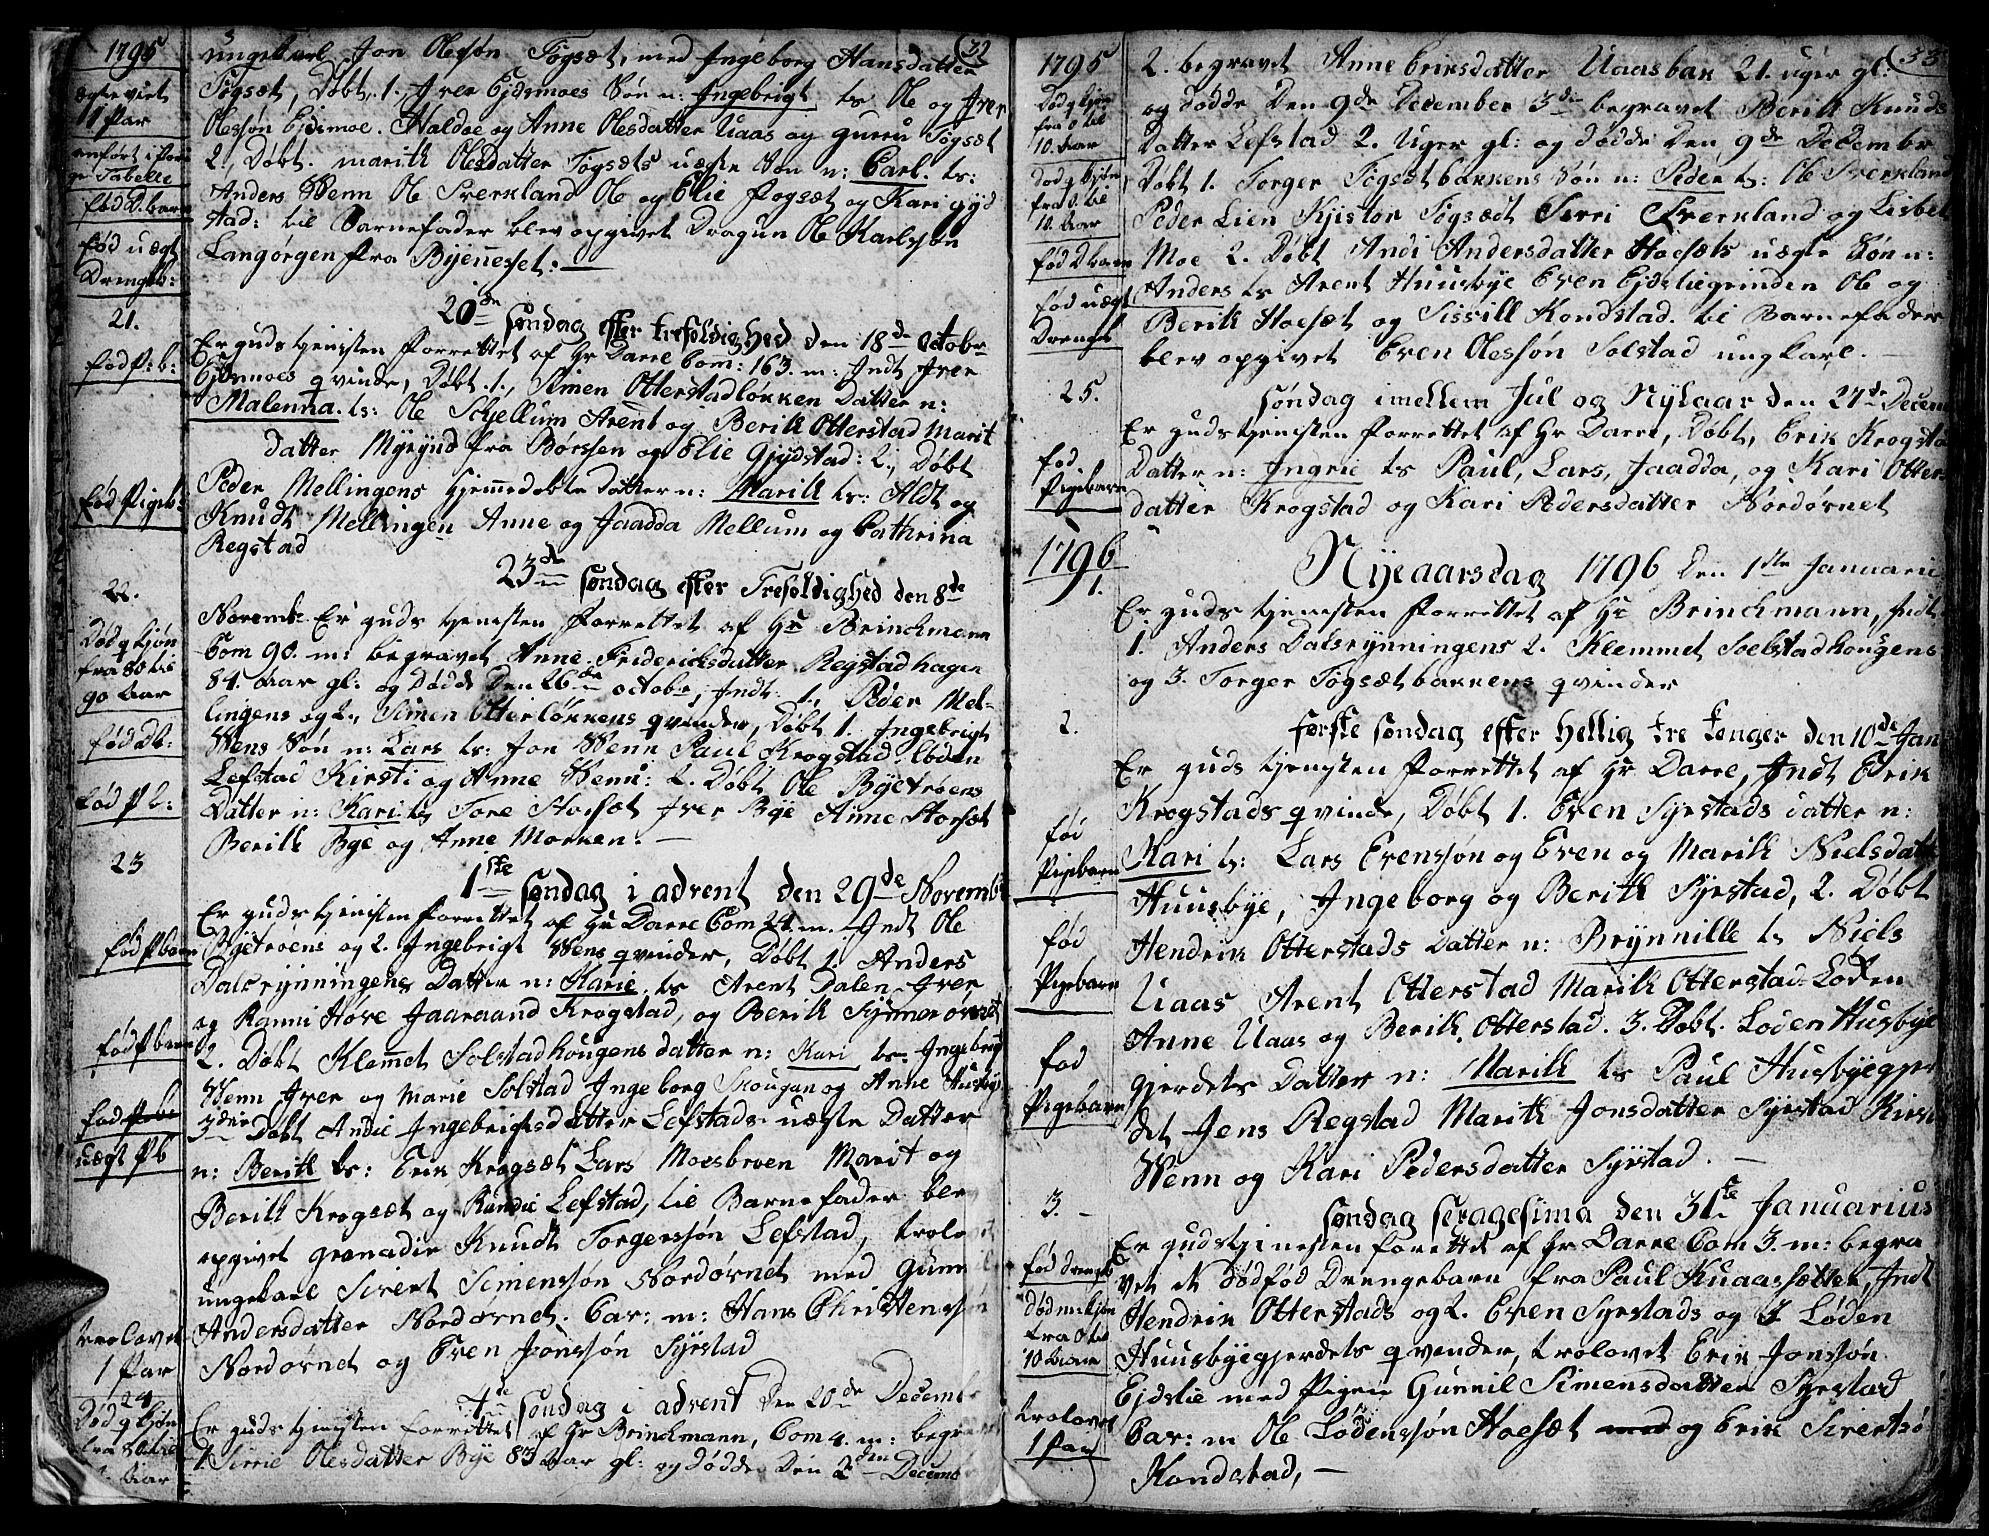 SAT, Ministerialprotokoller, klokkerbøker og fødselsregistre - Sør-Trøndelag, 667/L0794: Ministerialbok nr. 667A02, 1791-1816, s. 32-33